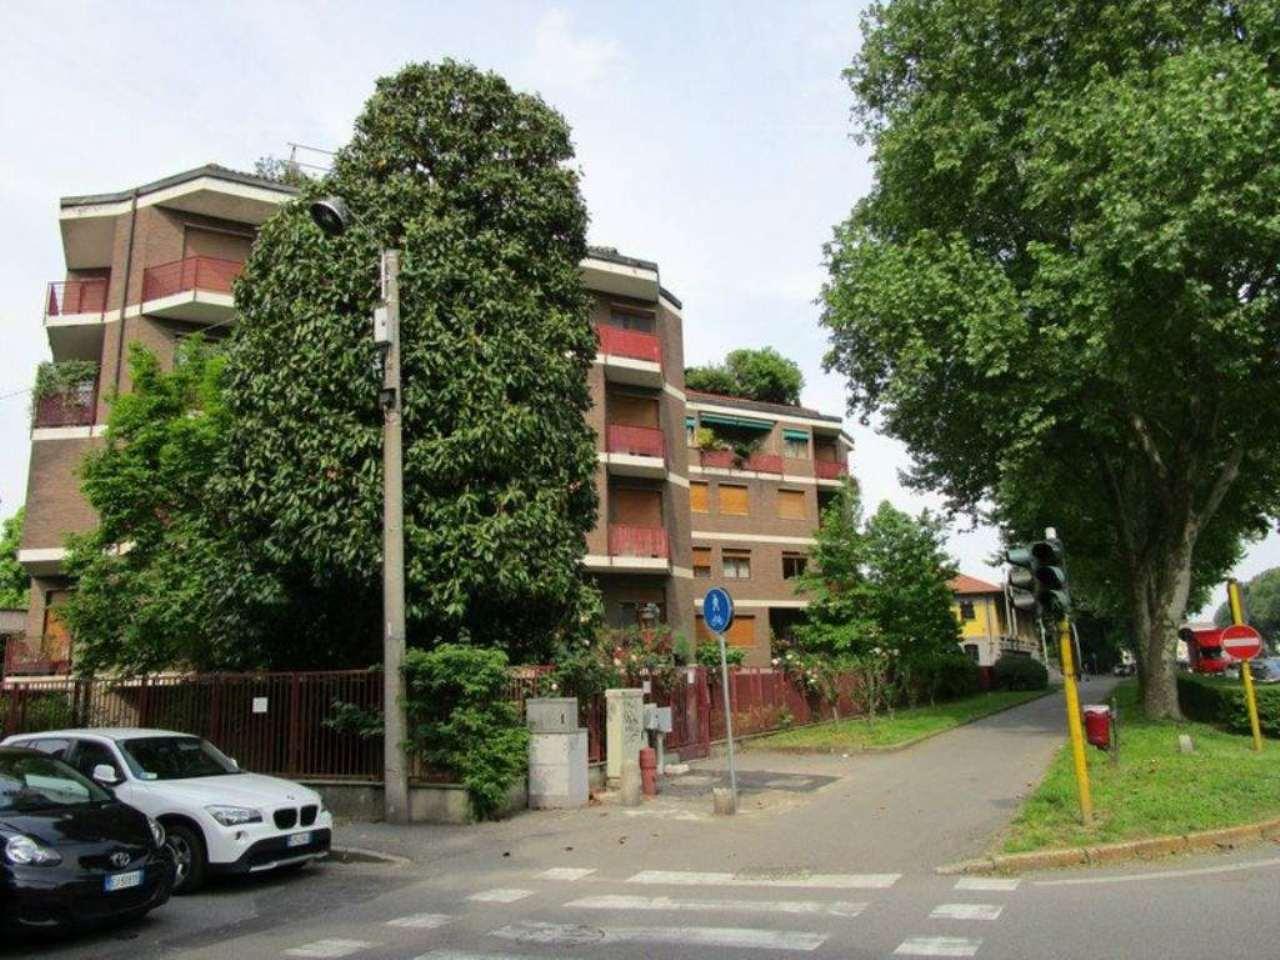 Monza Affitto UFFICIO Immagine 4